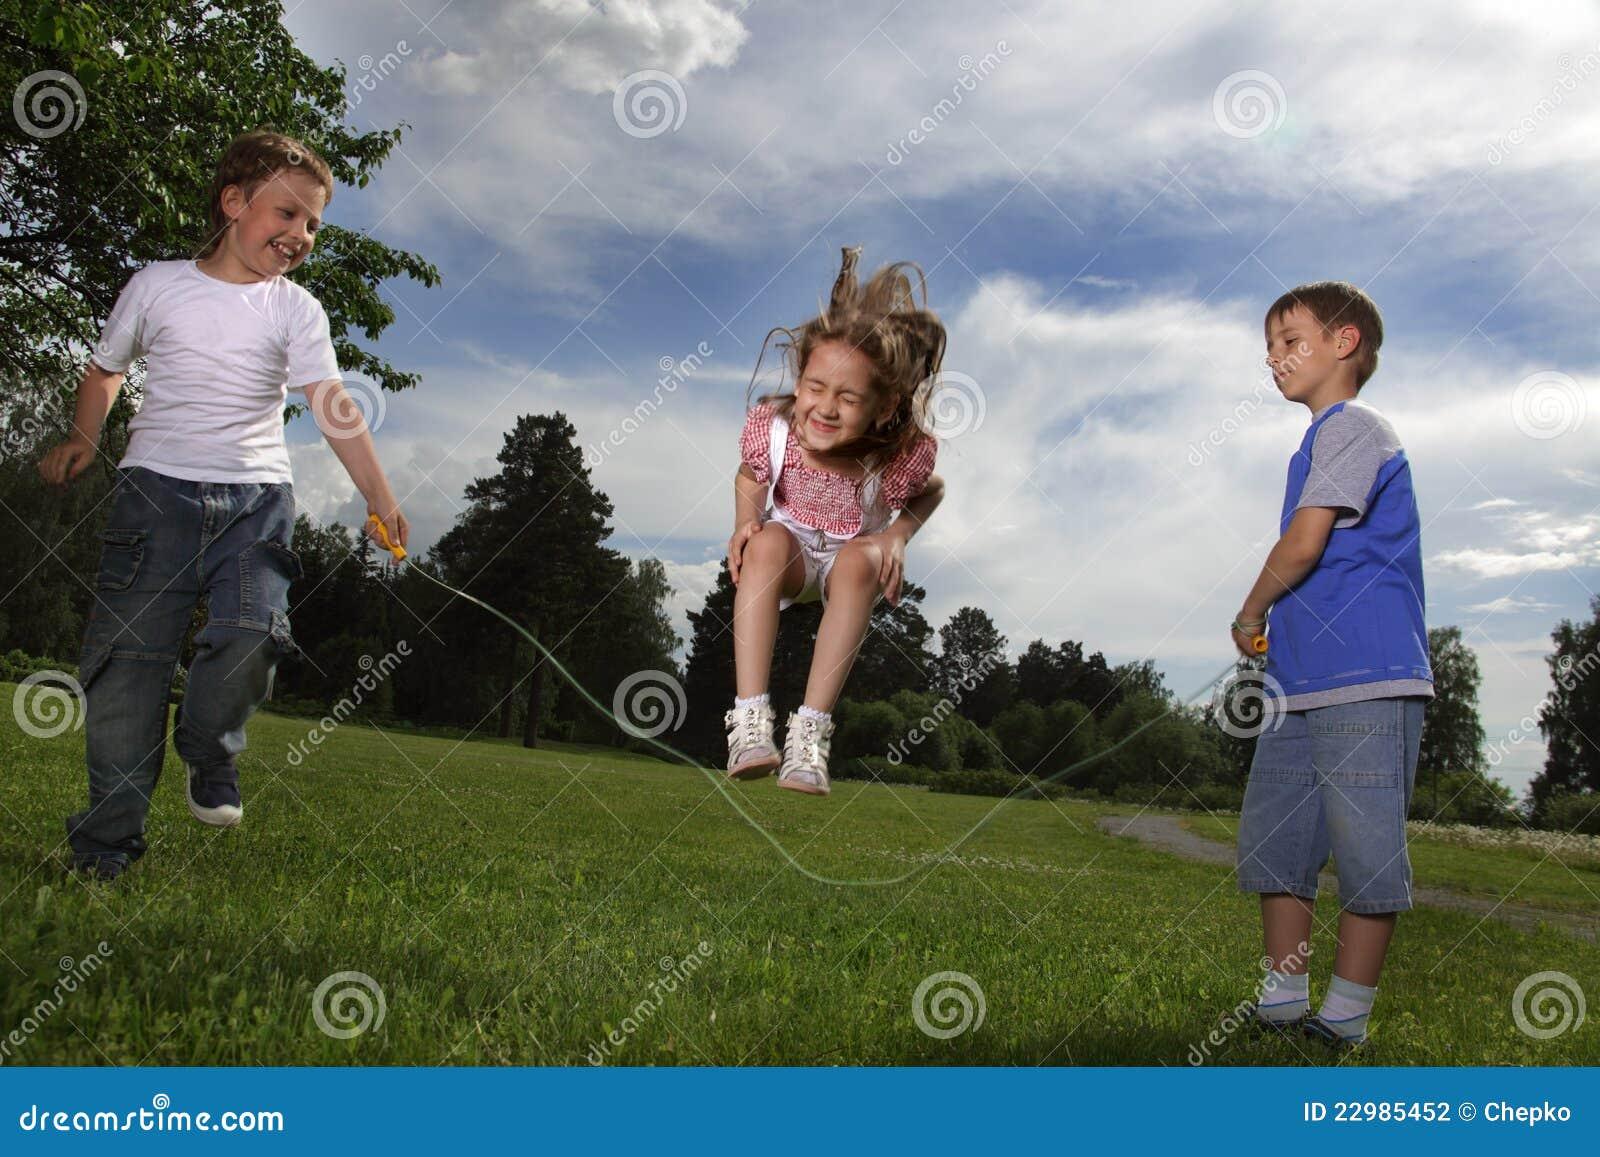 Пригает на брате, Сестра со сломанной рукой скачет на большом члене брата 24 фотография